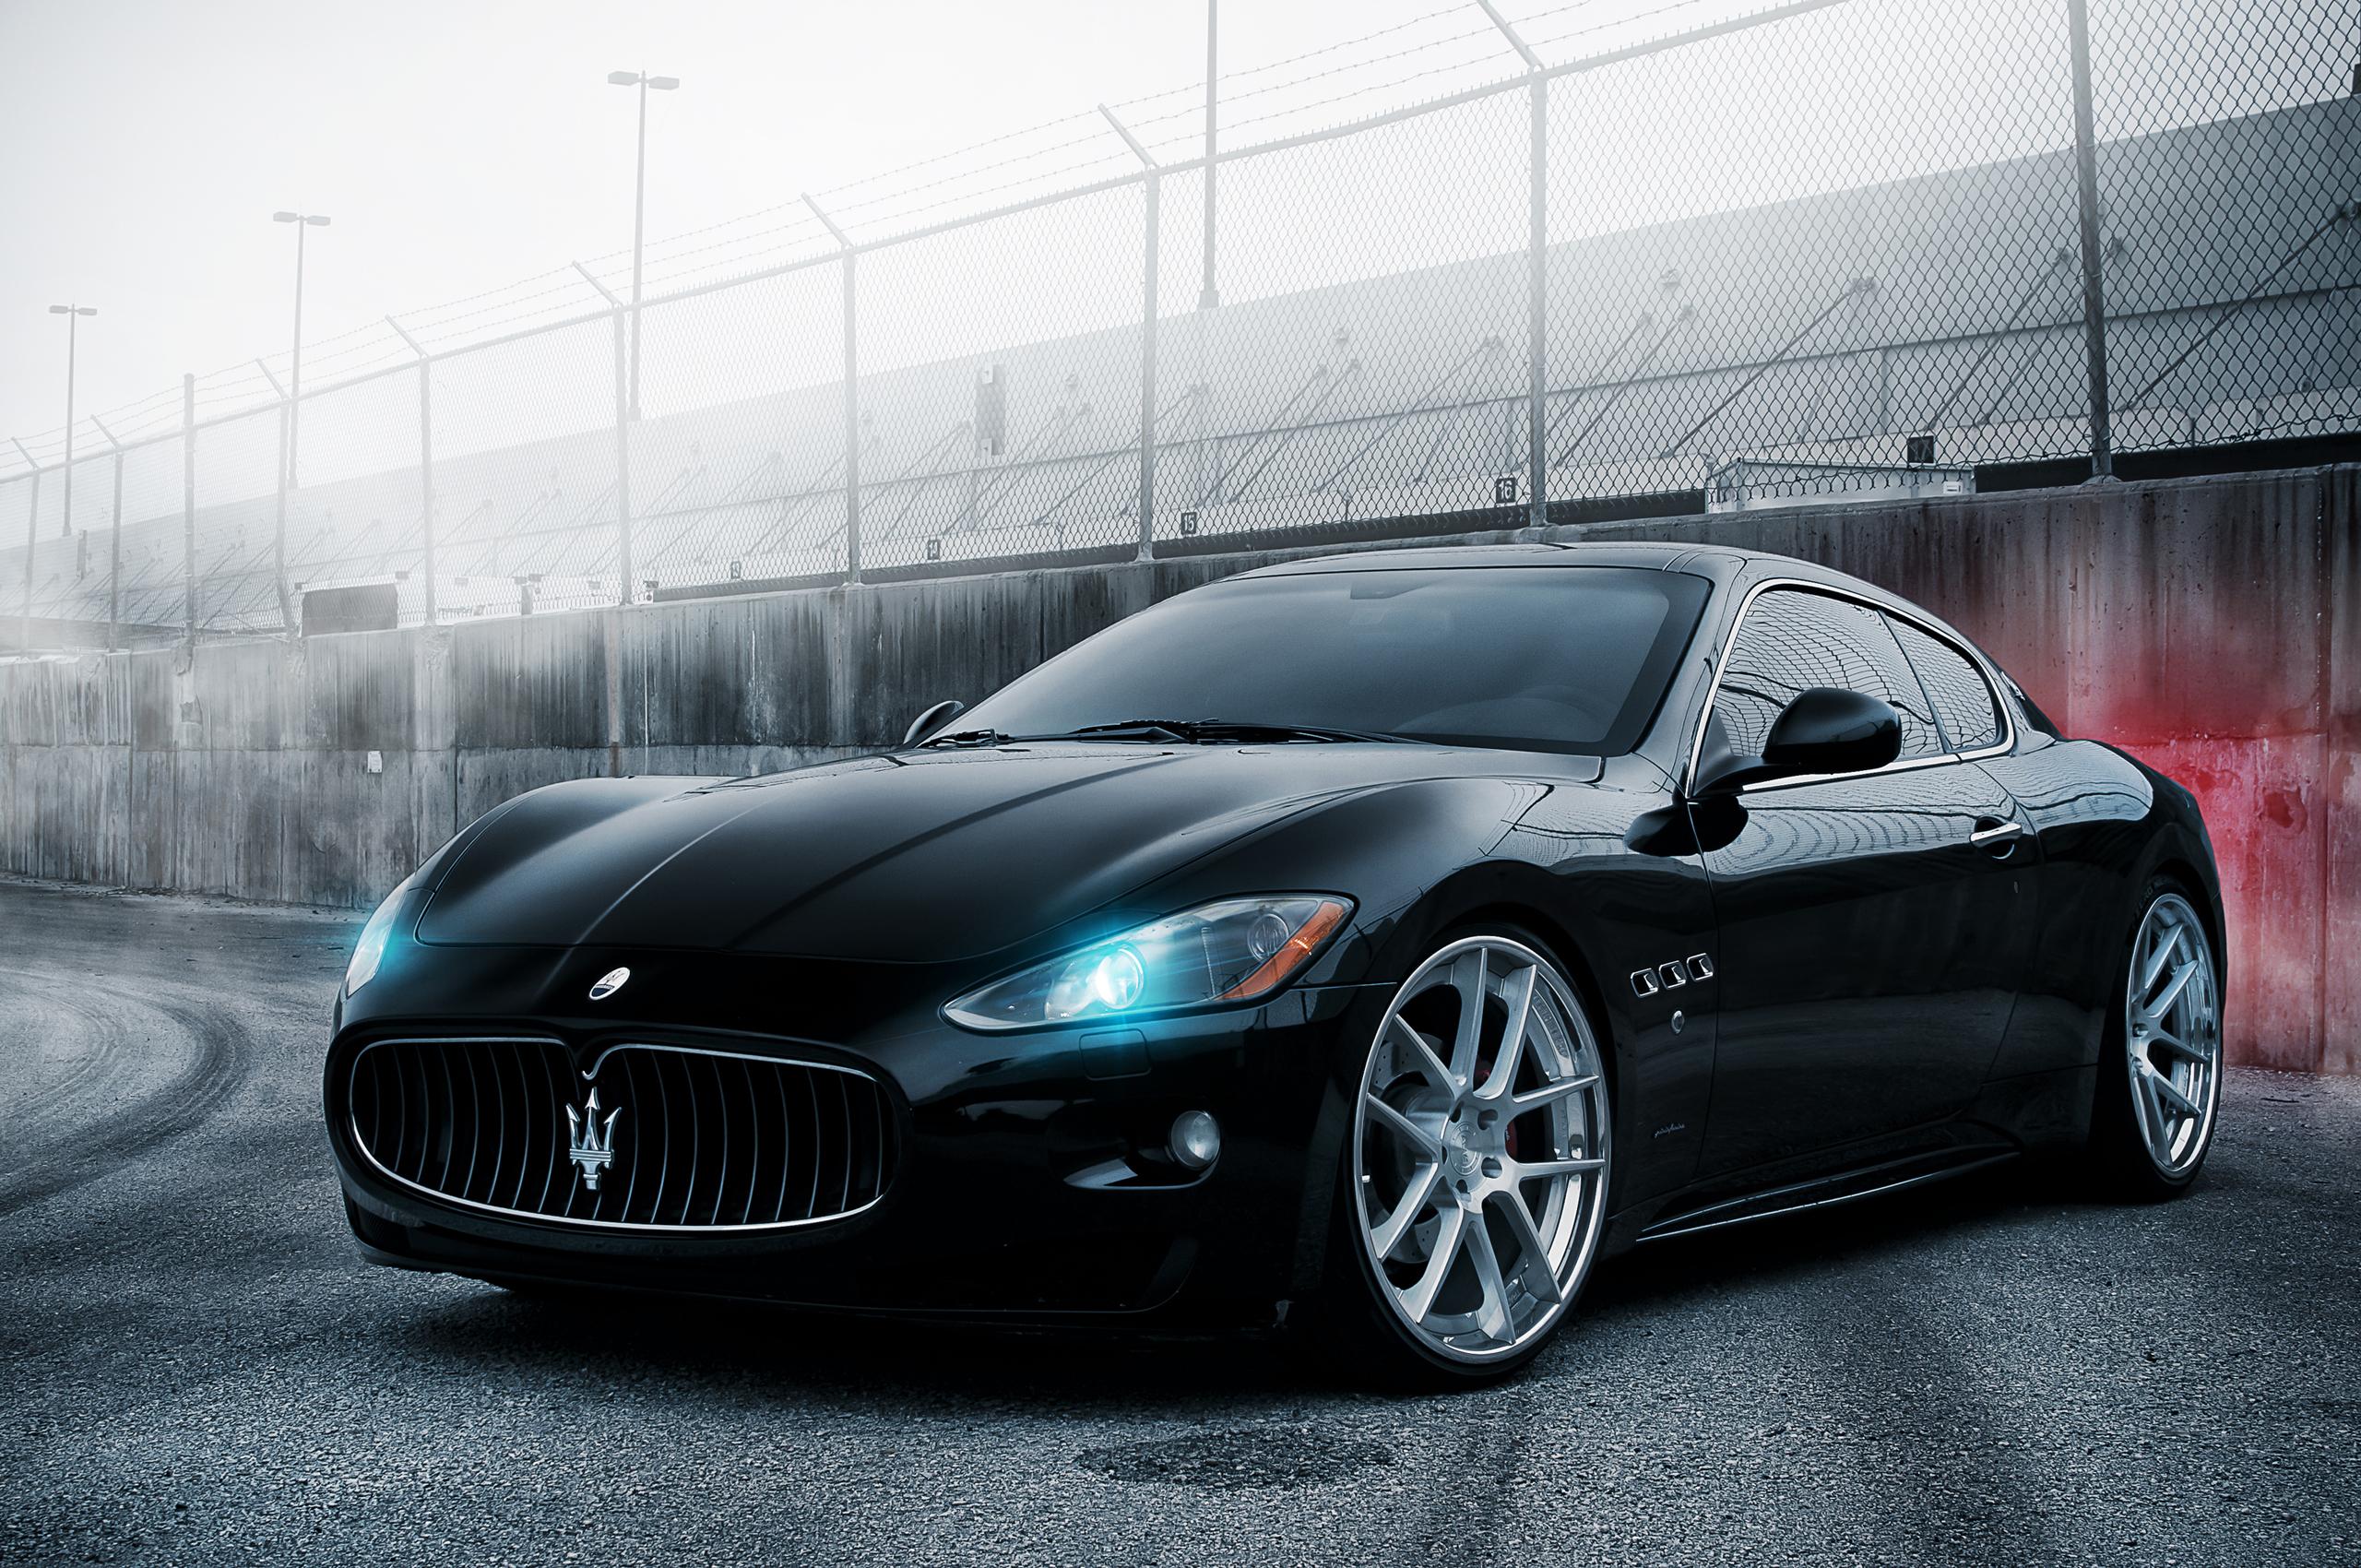 Maserati HD Wallpaper Background Image 2560x1700 ID238714 2560x1700